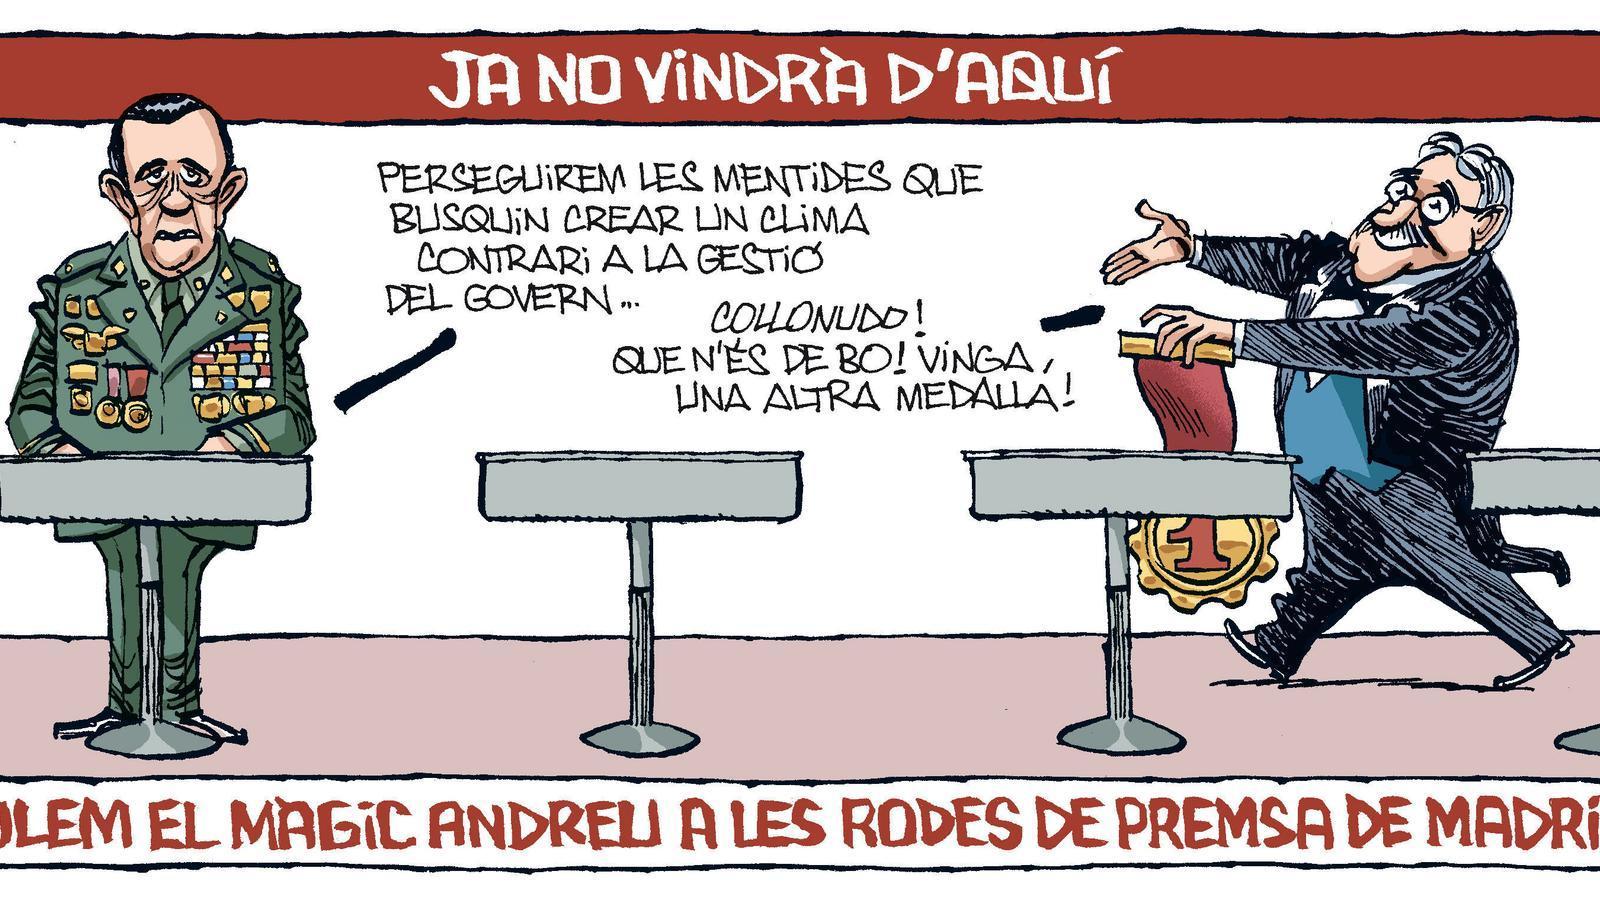 'A la contra', per Manel Fontdevila 20/04/2020